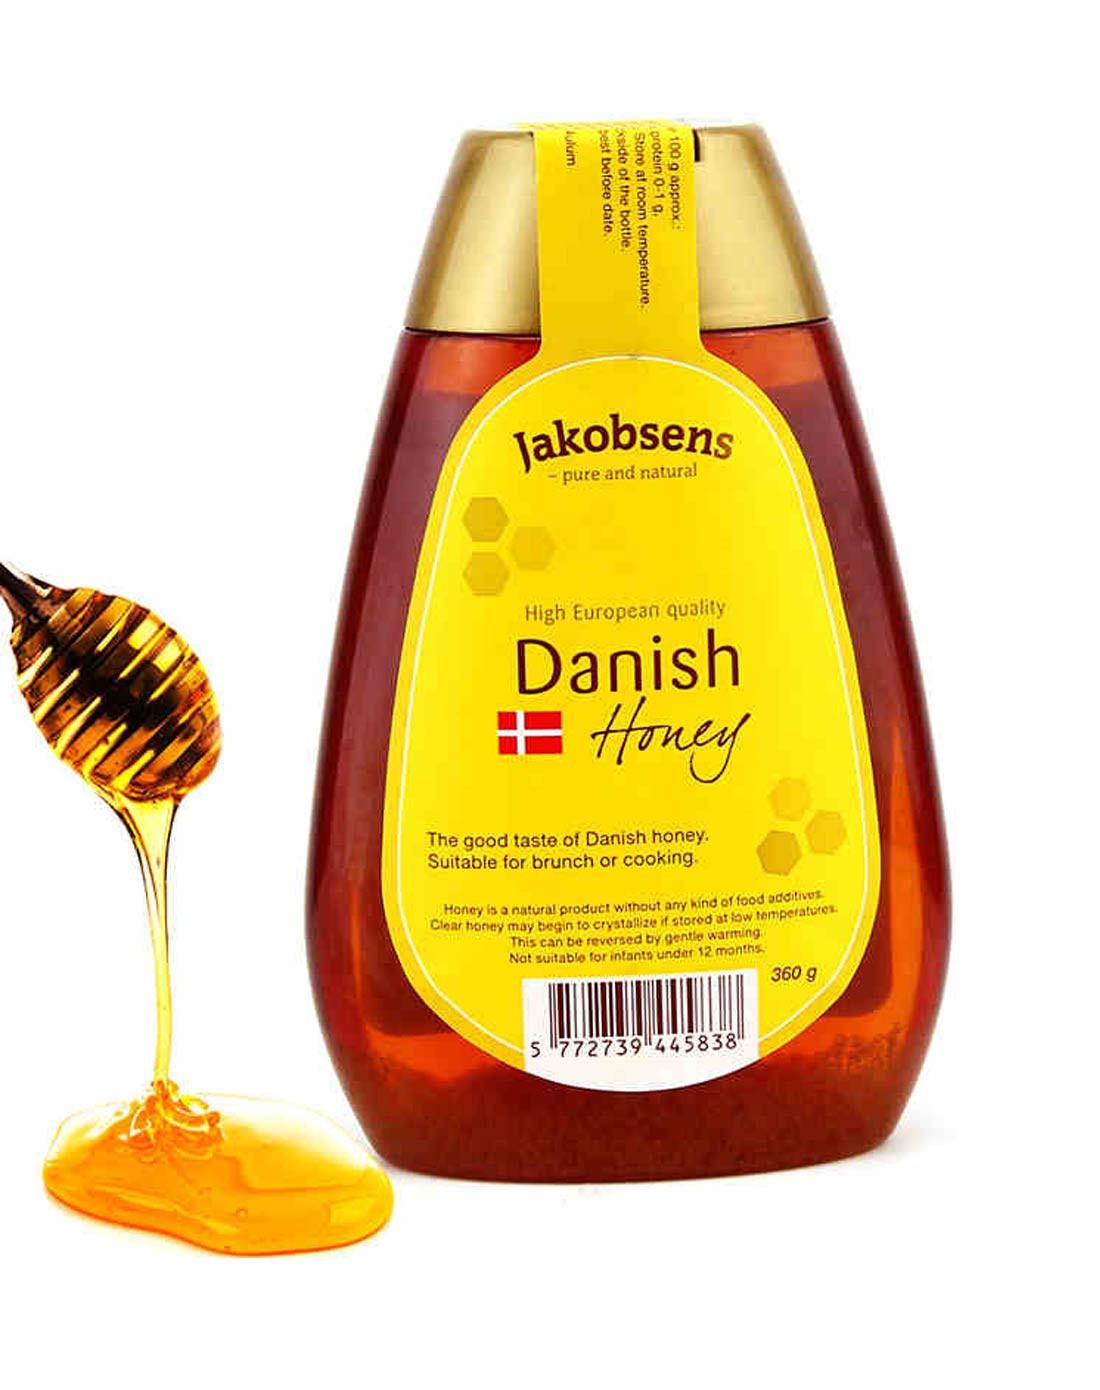 雅各布森原味蜂蜜360g